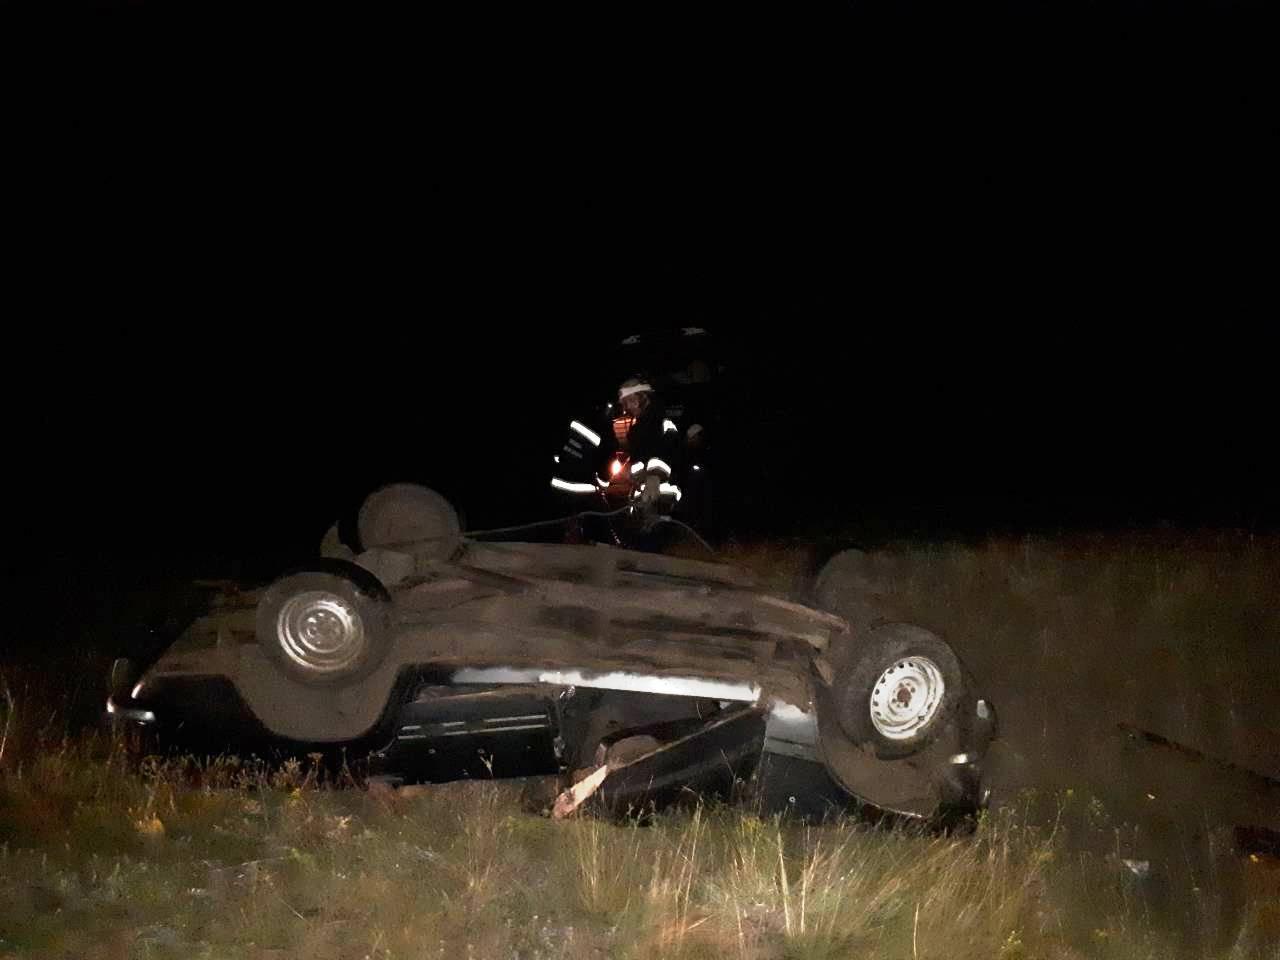 У Долинському районі перекинувся ВАЗ 2101, водій загинув. ФОТО - 2 - За кермом - Без Купюр